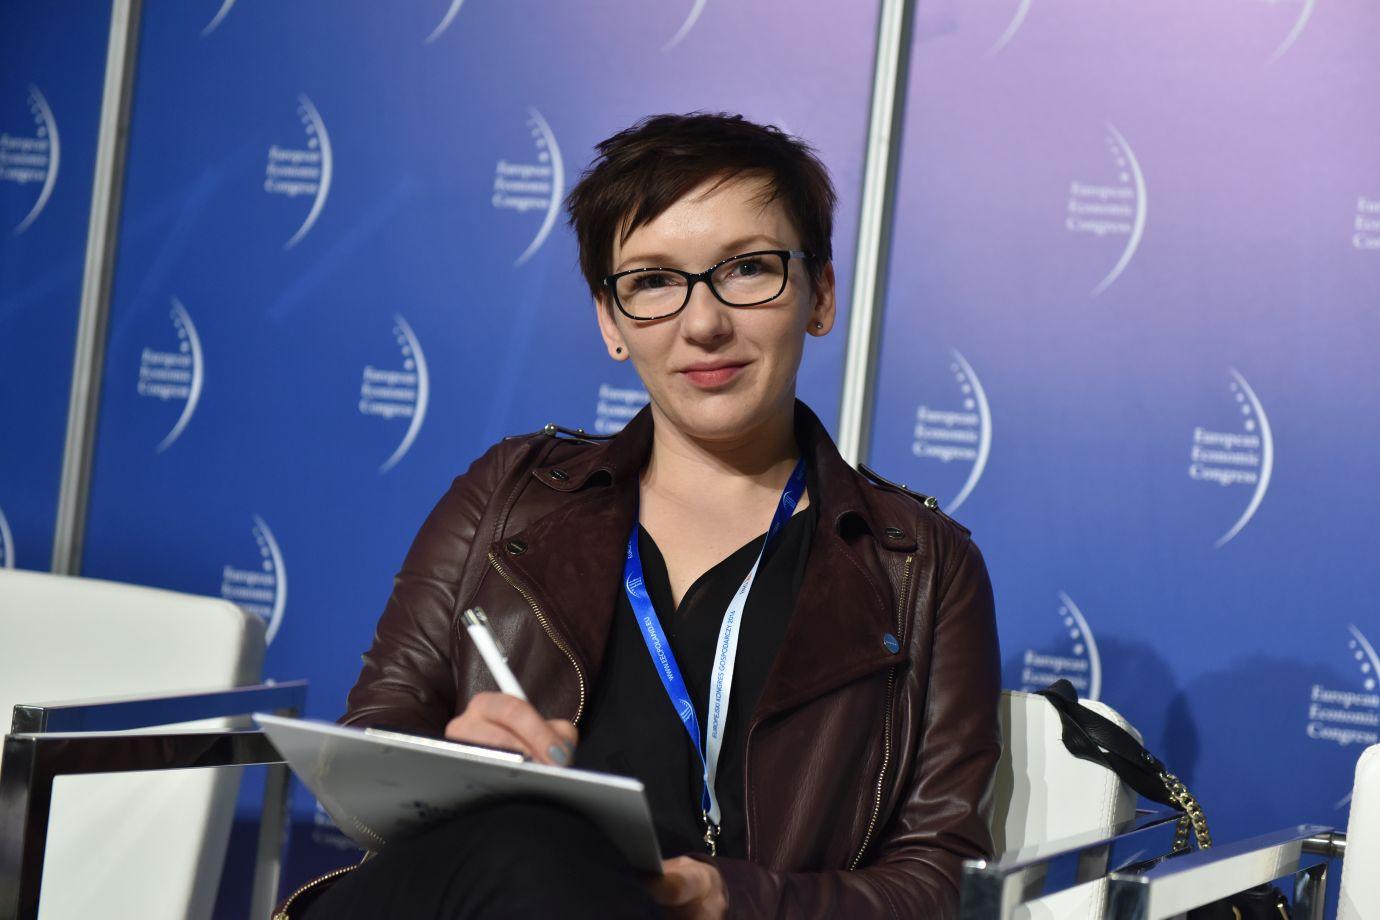 Anna Mieleszko dyrektor fundacji im. Lesława A. Pagi (Fot.: PTWP)